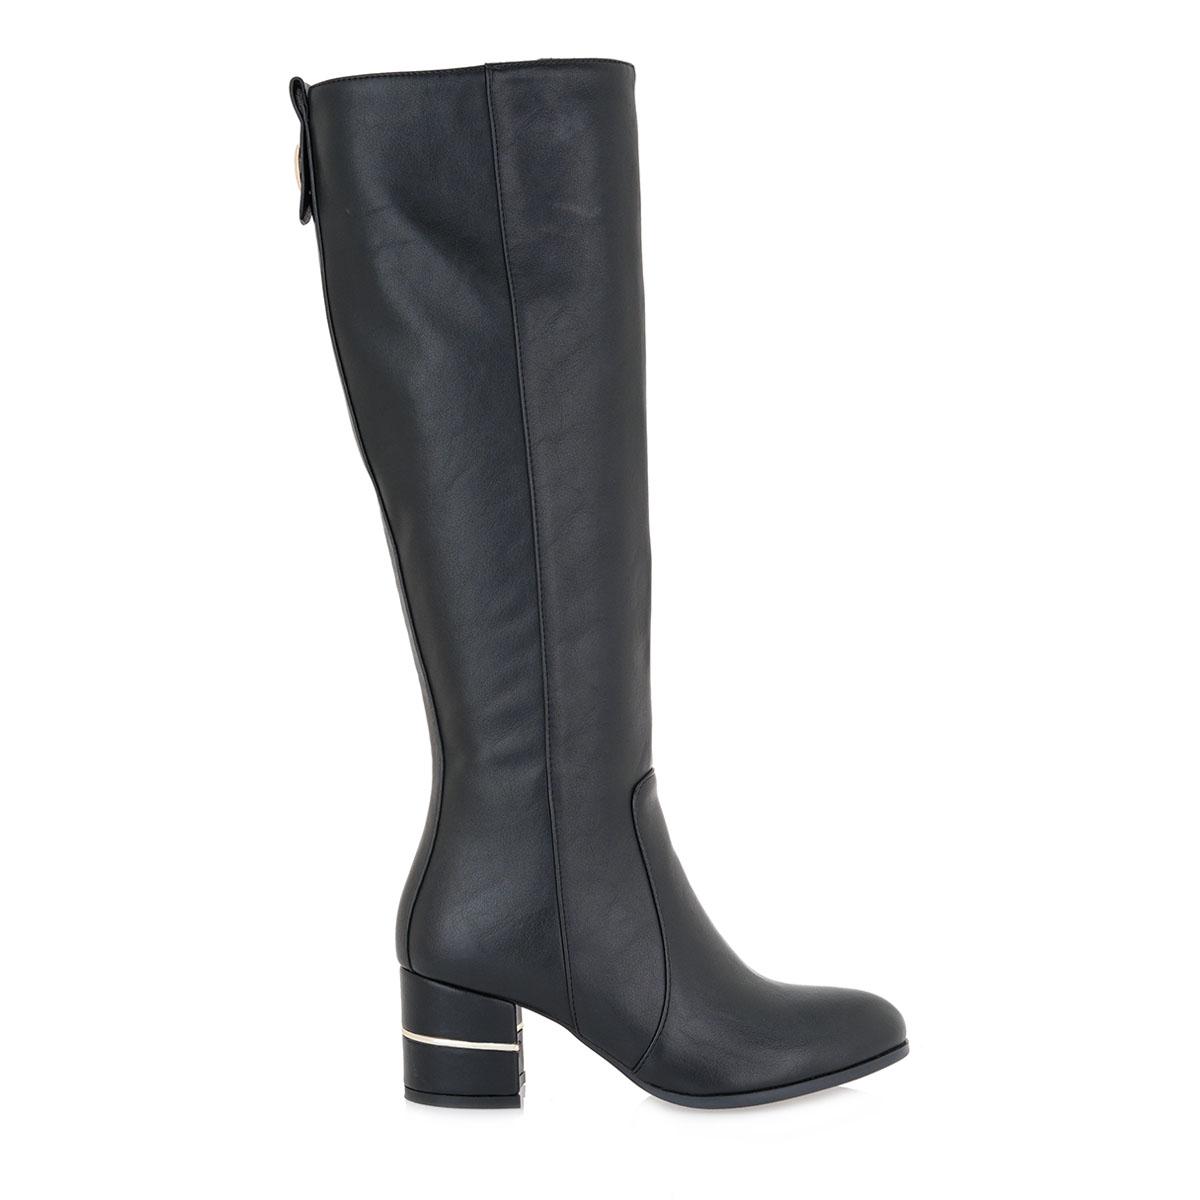 Γυναικεία μπότα τακούνι RENATO GARINI  L267V9283 001